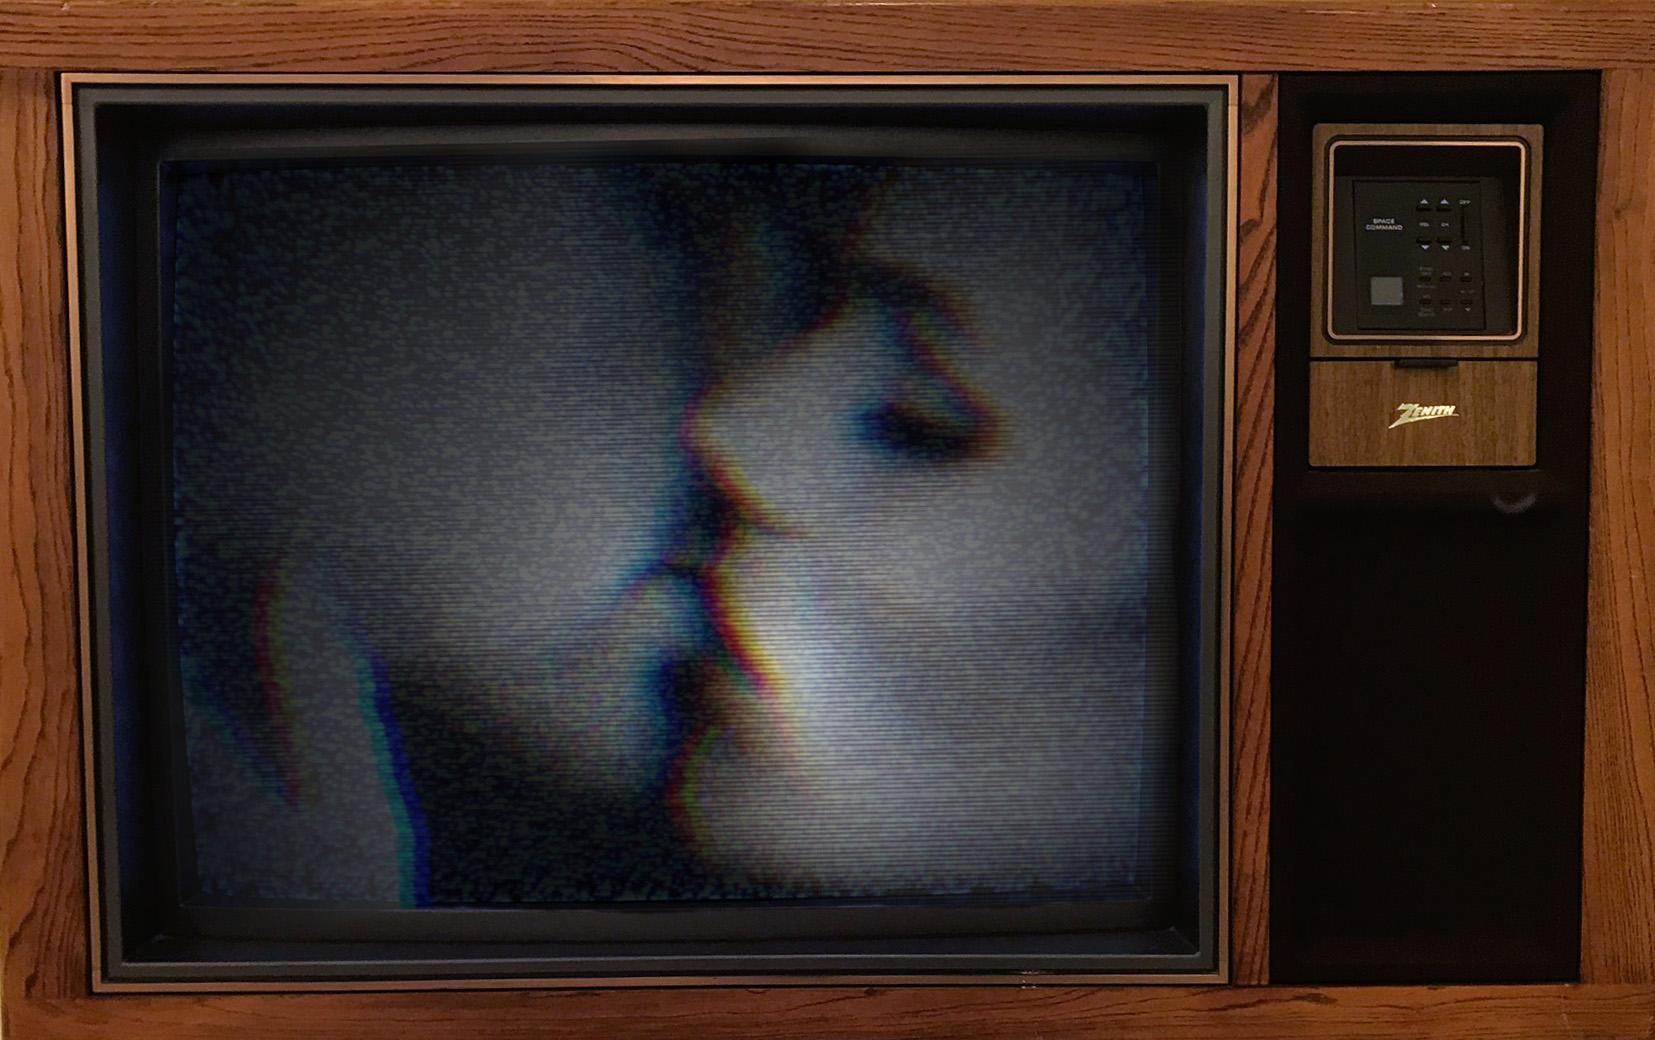 INIDRA-CESARINE_Kiss-Me_VIDEO-ON-VINTAGE-ZENITH-TV_2018-crop.jpg